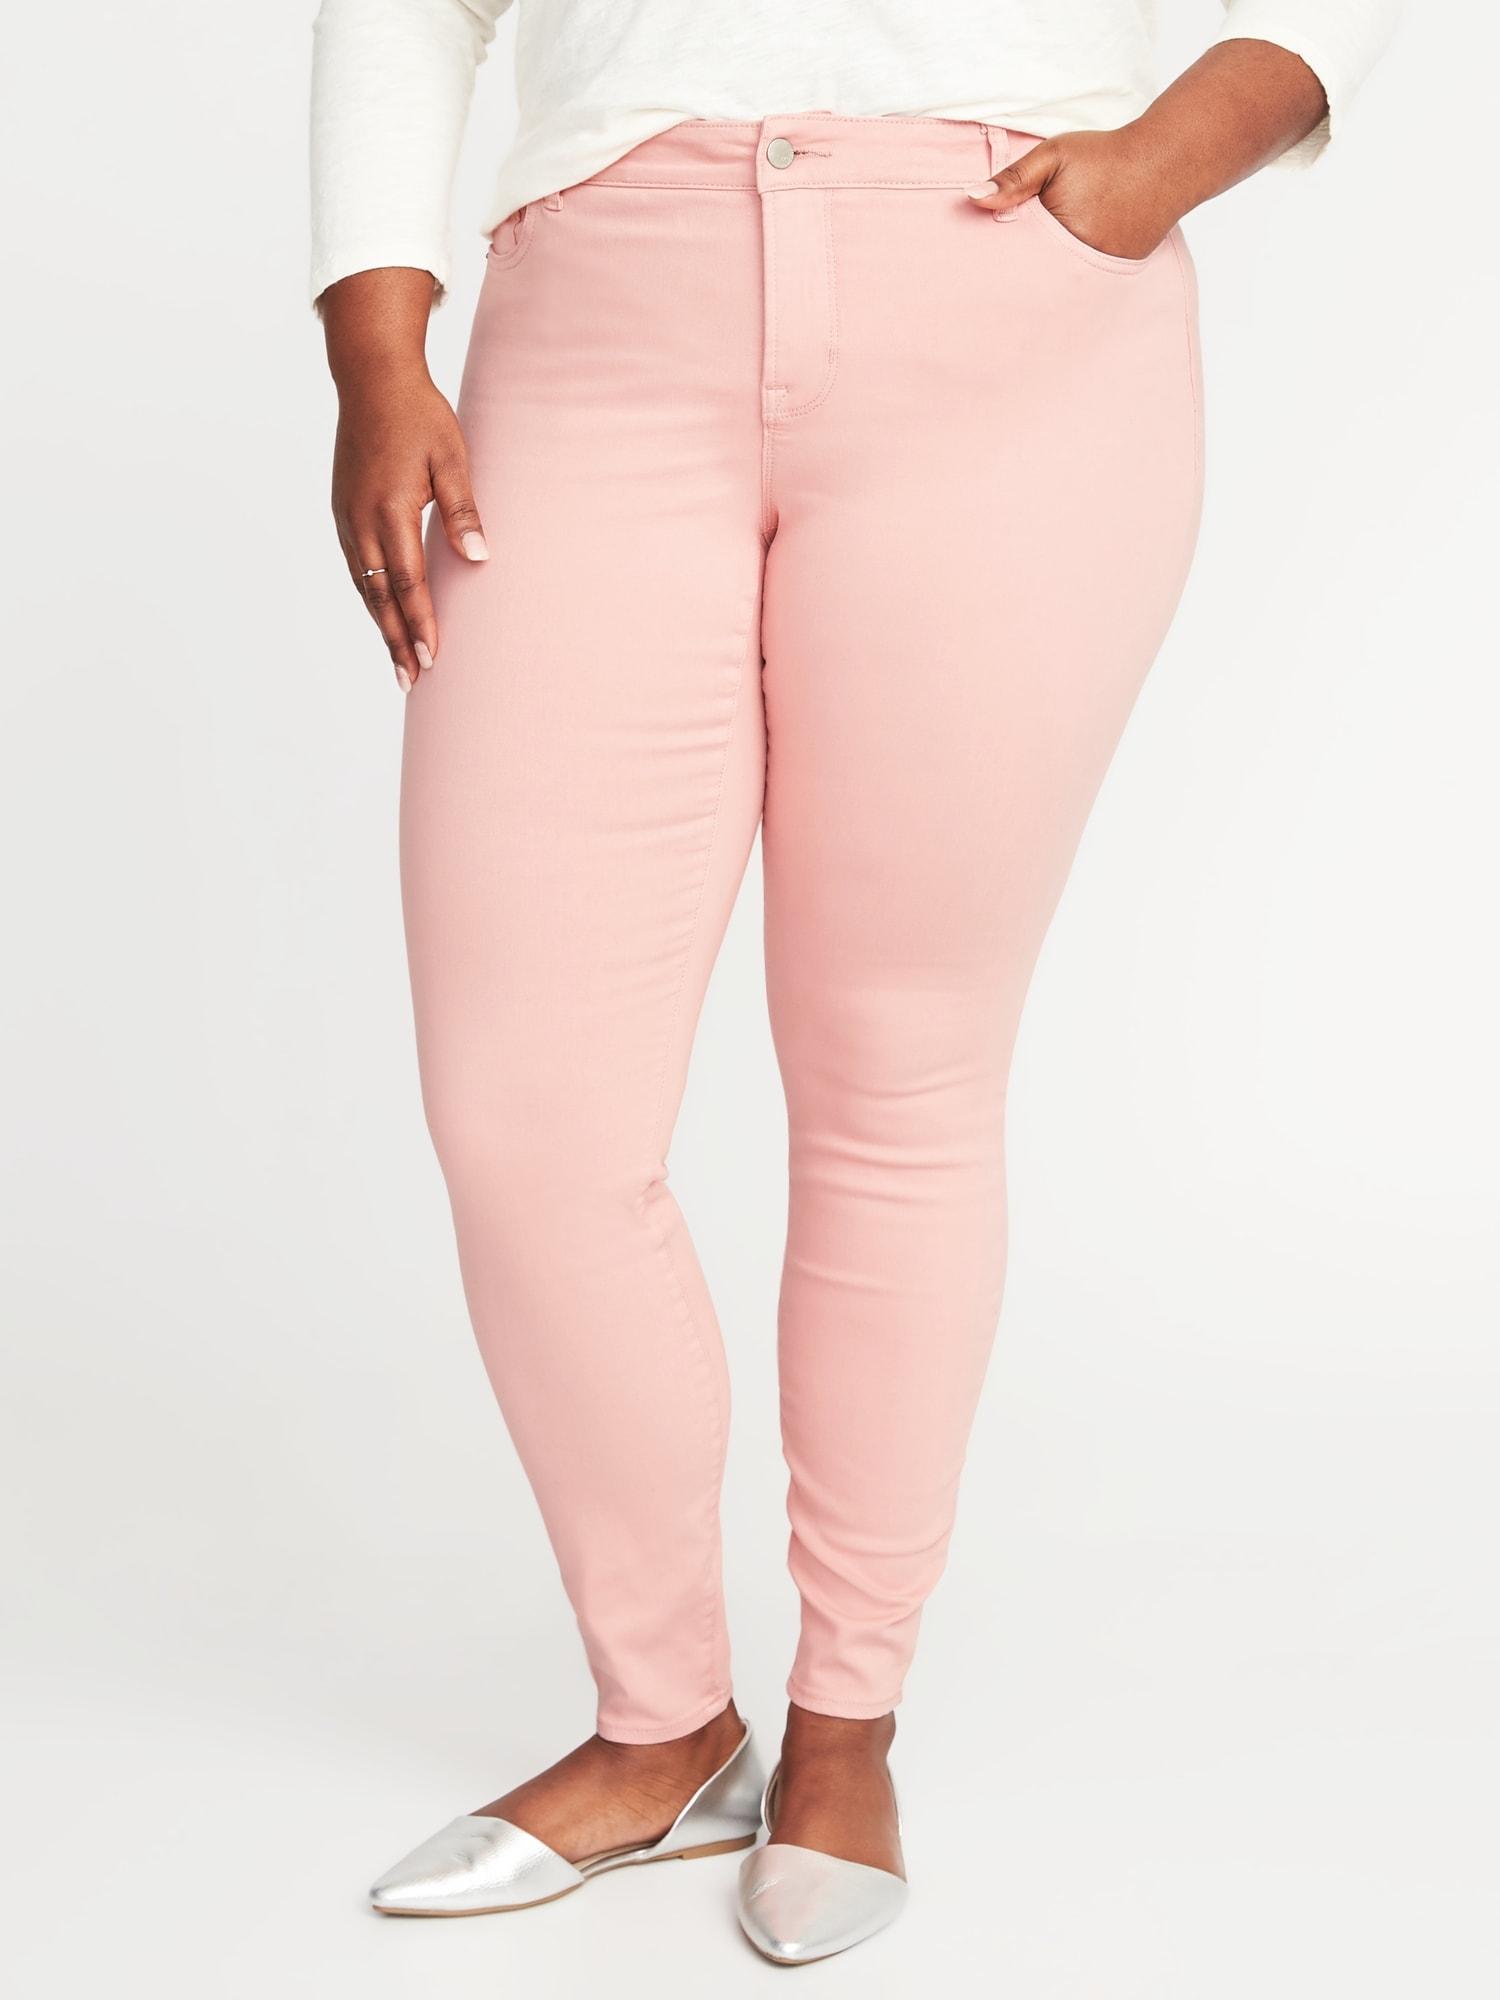 6d21a9b7e12 High-Rise Secret-Slim Pockets Plus-Size Rockstar Jeans